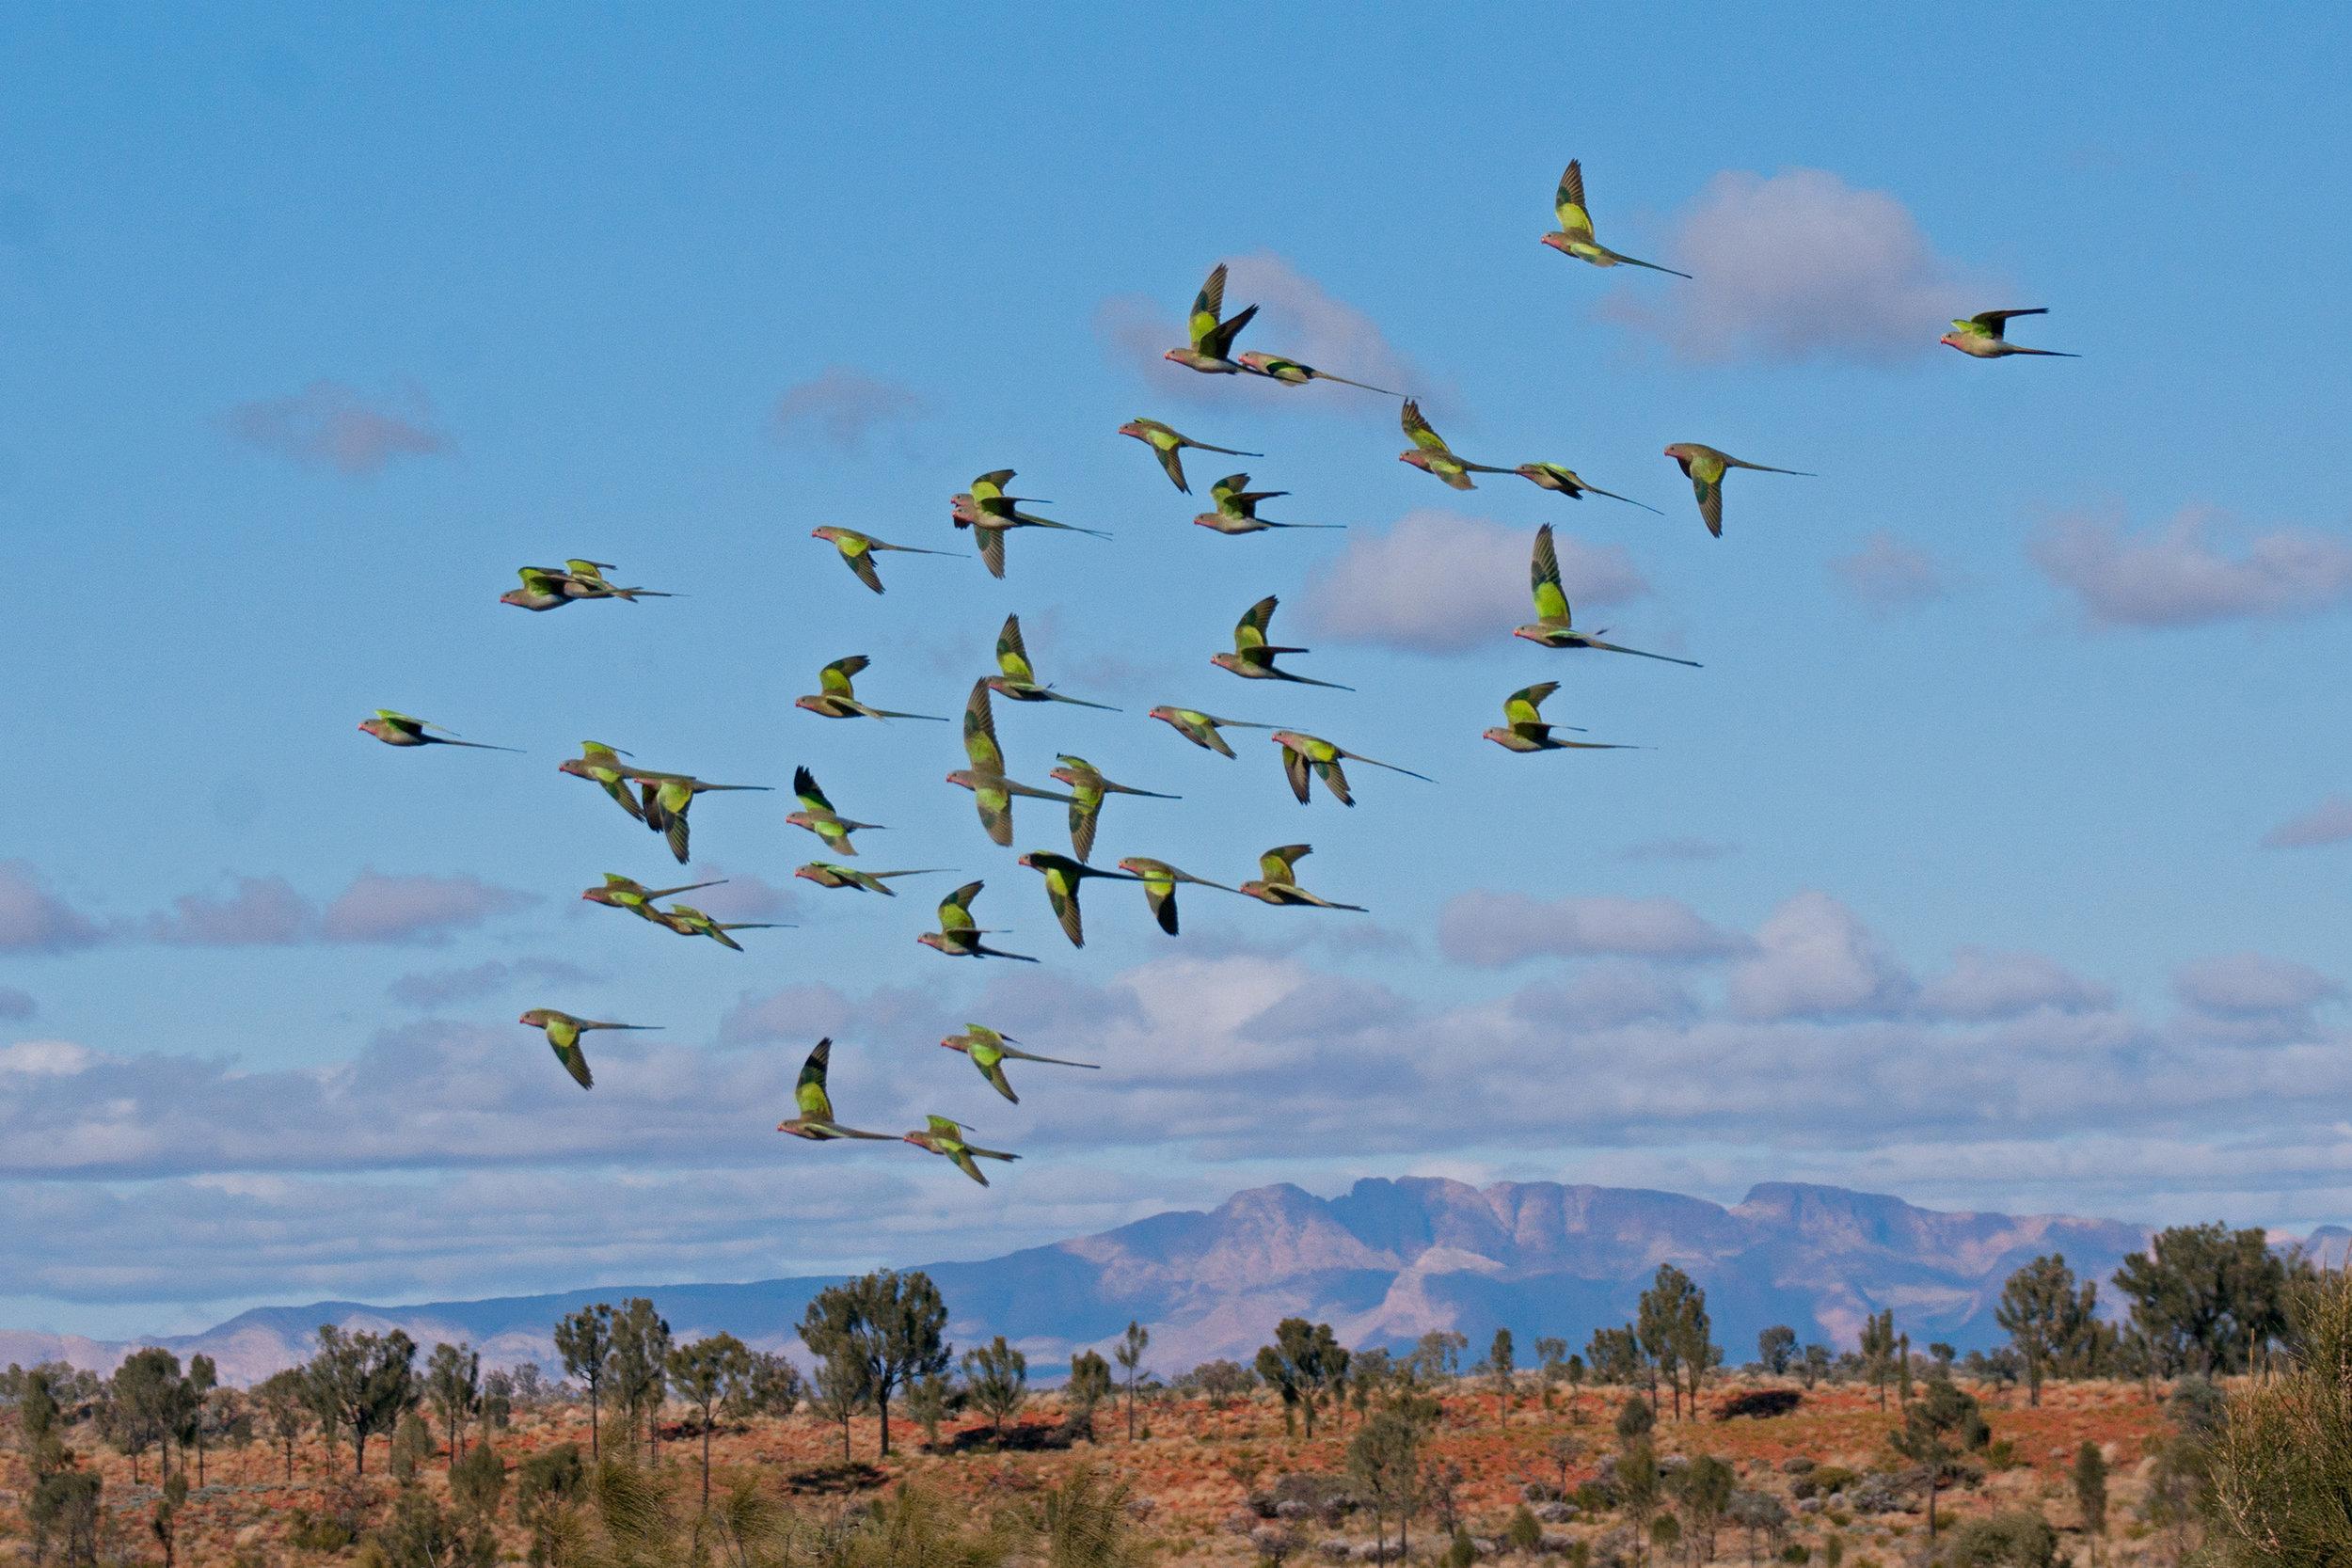 Princess parrots in flight